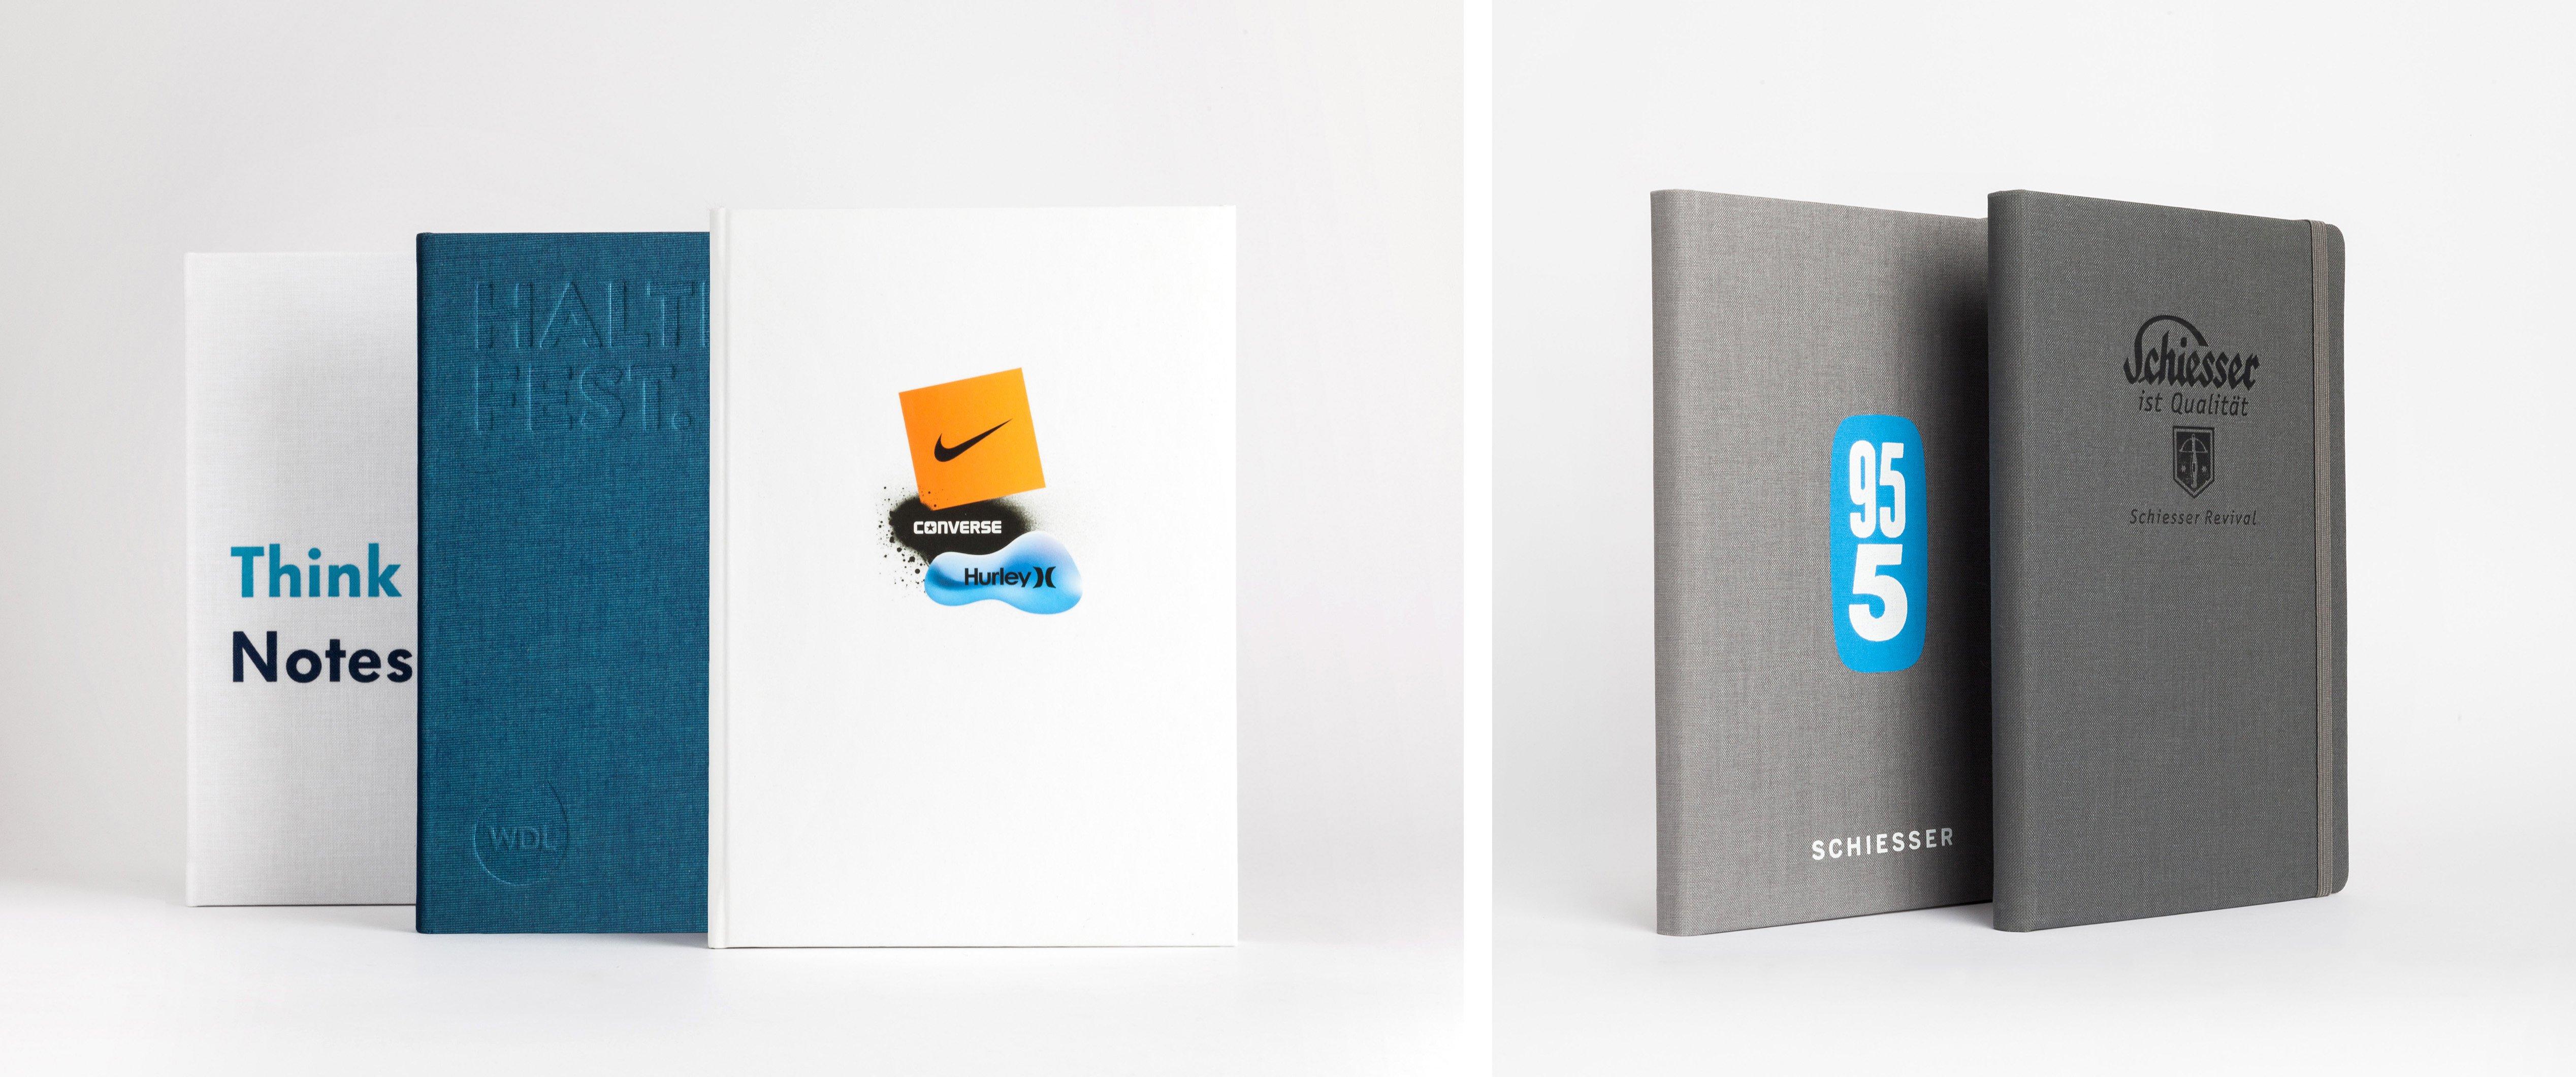 brandbook_logo_branding_8.jpg